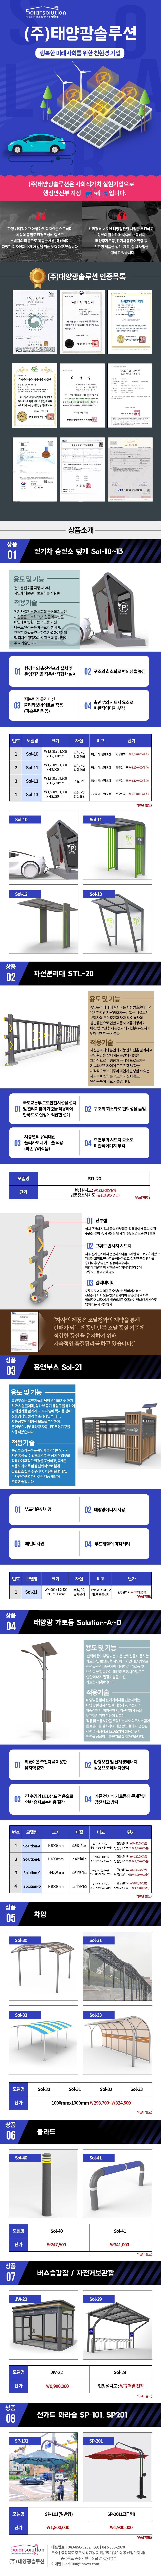 태양광솔루션_최종.jpg